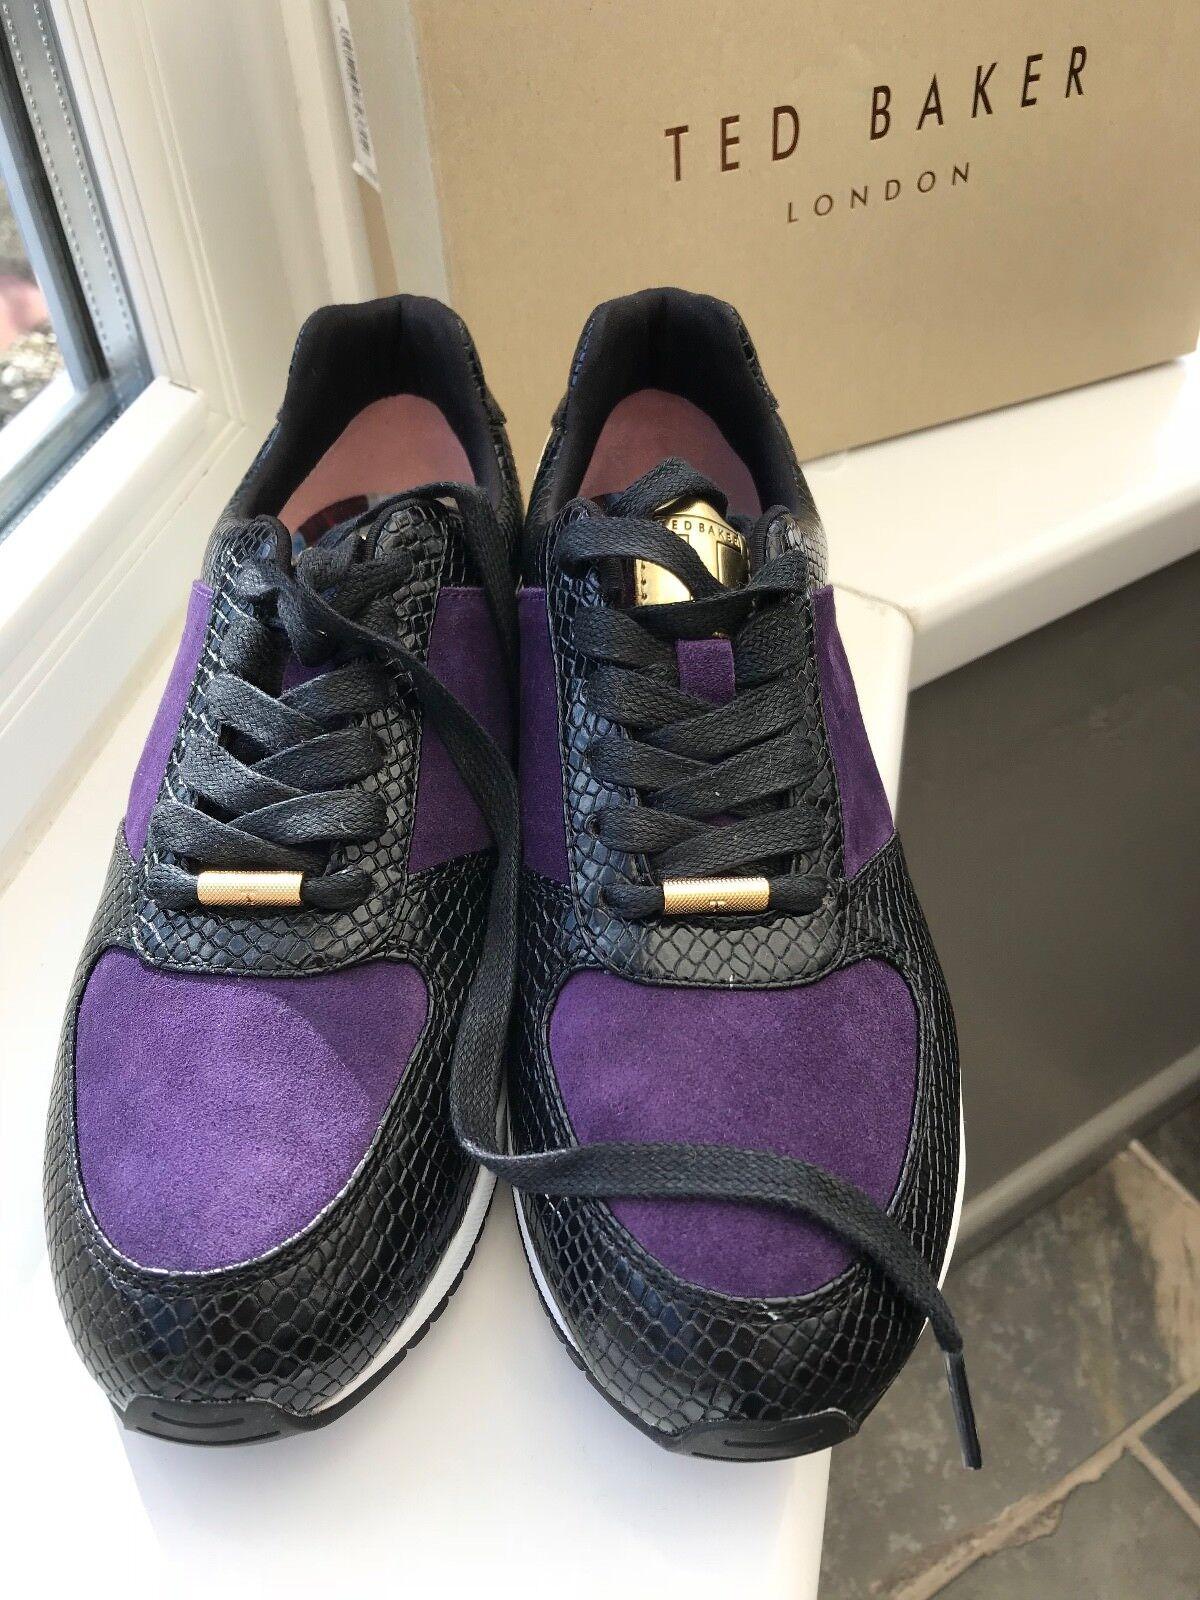 Autentico Ted Baker Kapaar nero   DK blu scarpe da ginnastica Dimensione UK 6  prezzo basso